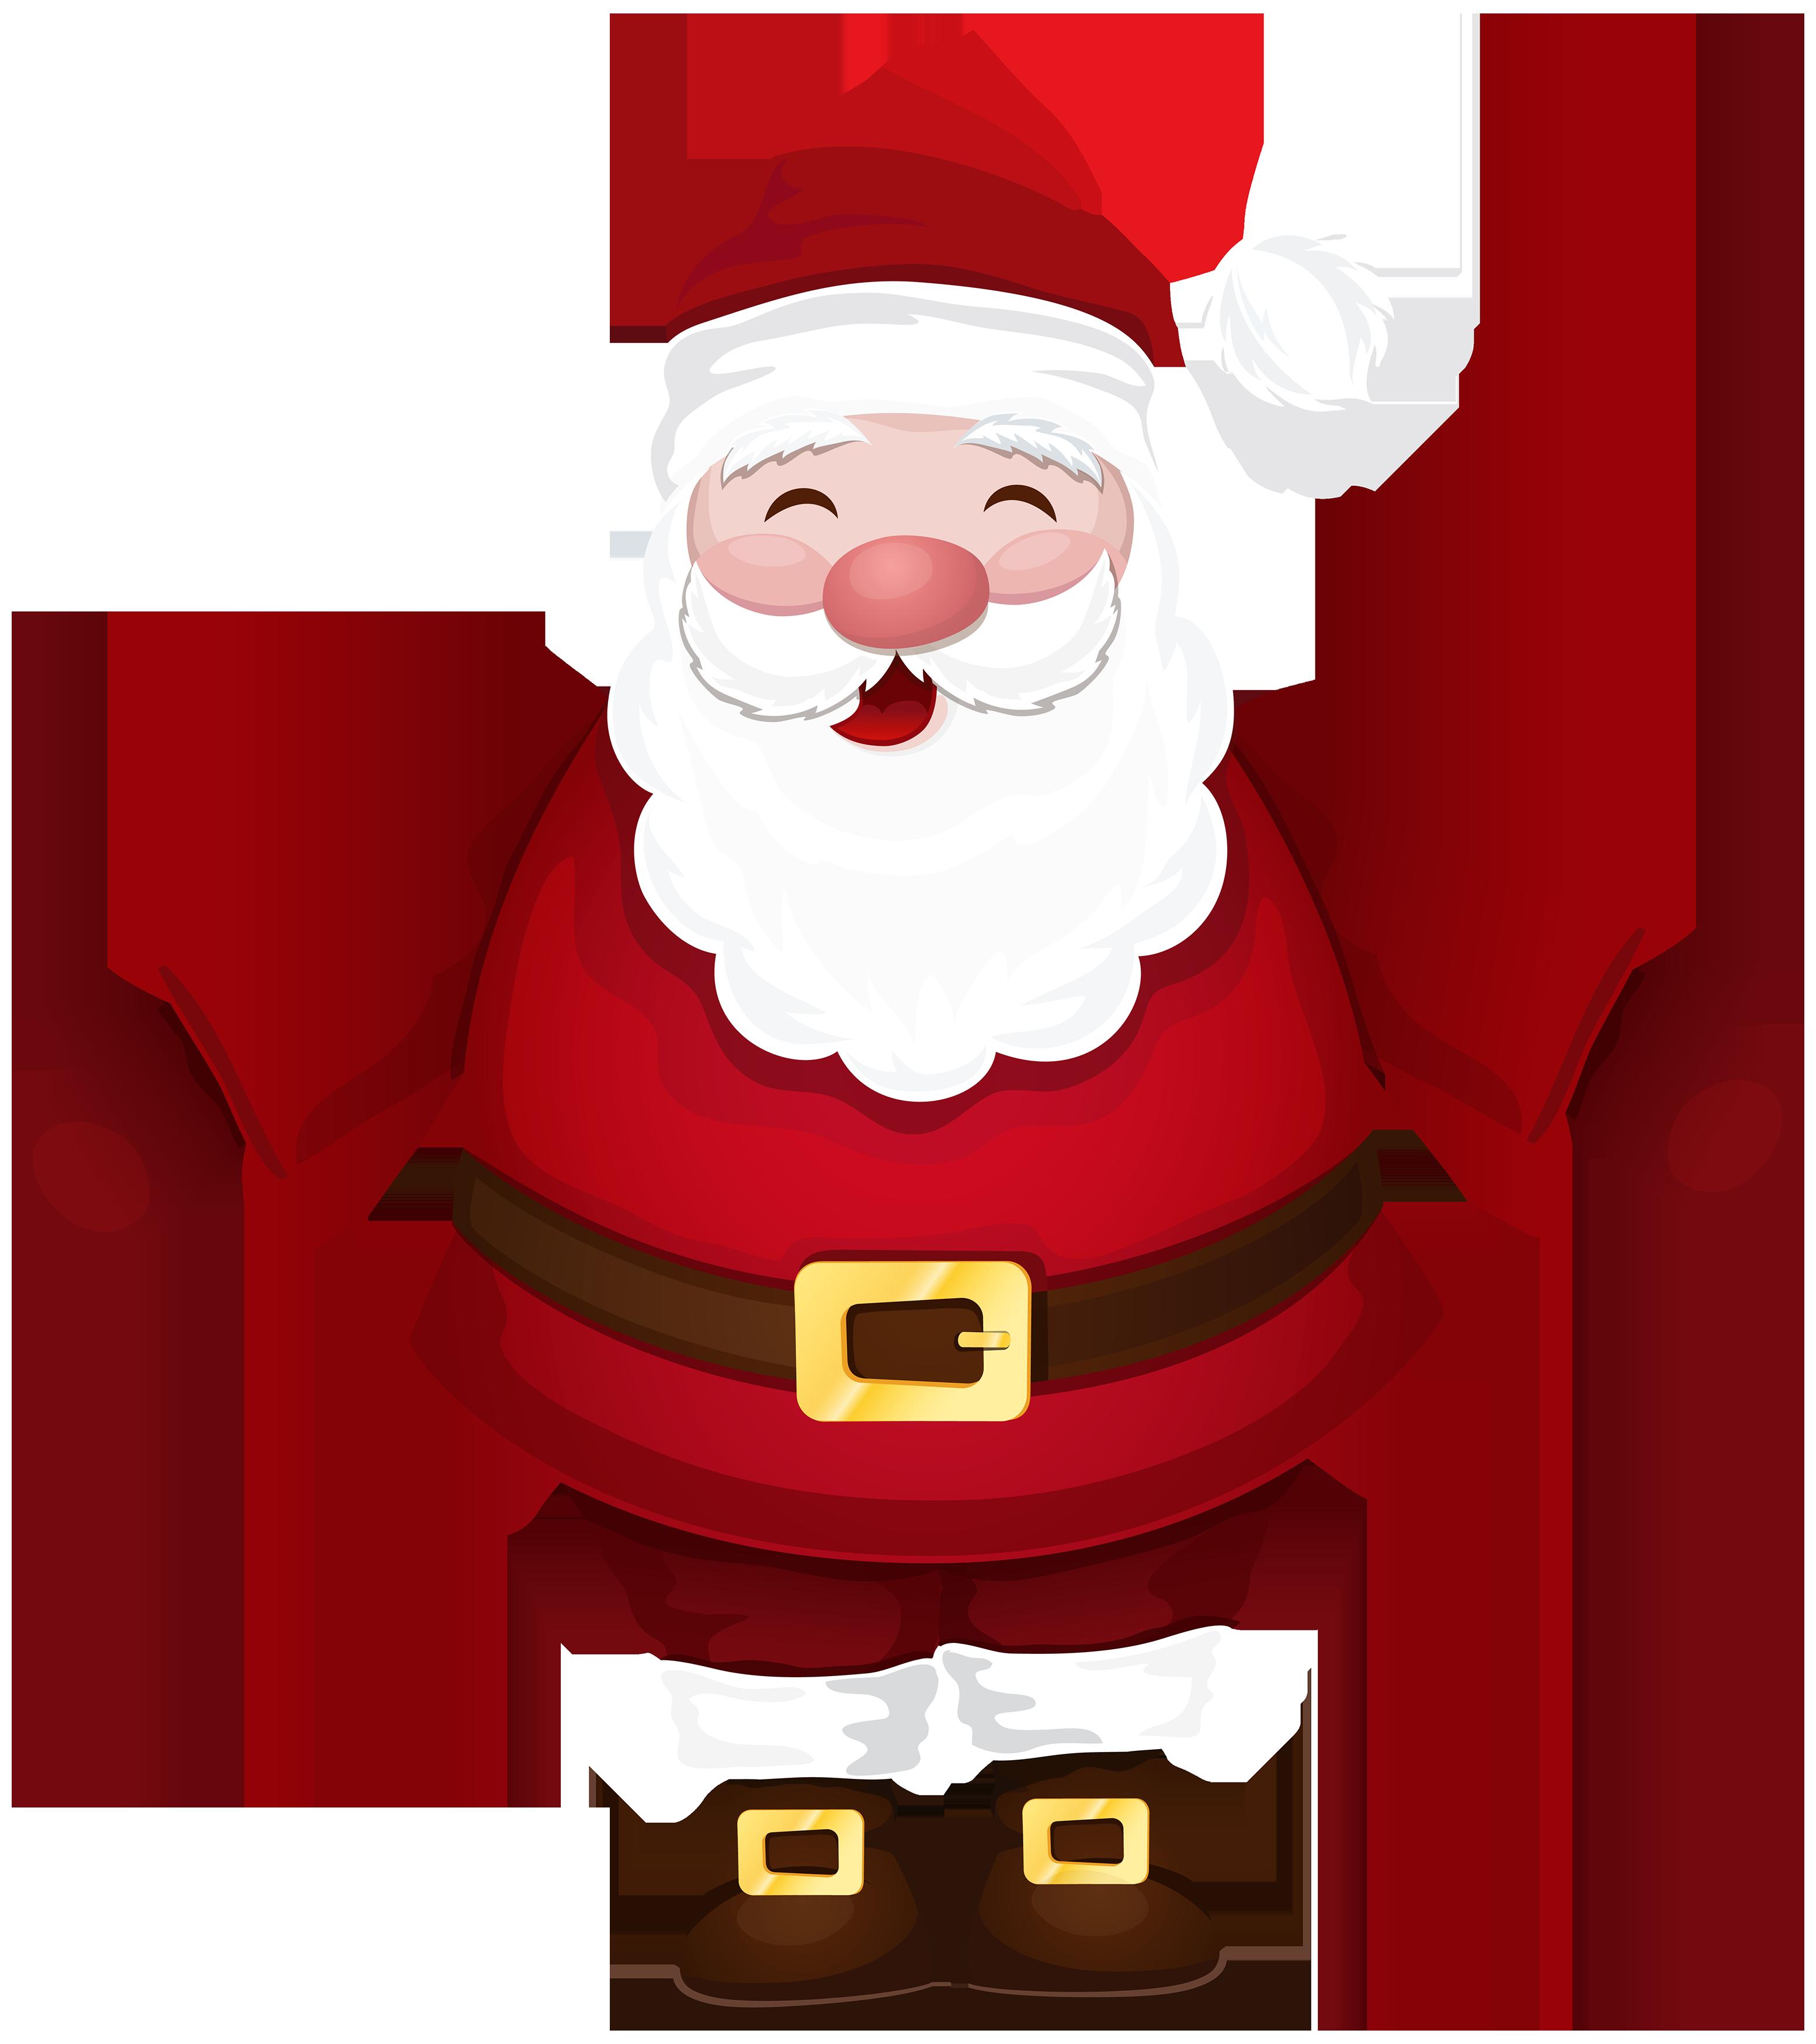 Santa claus png best. R clipart cartoon